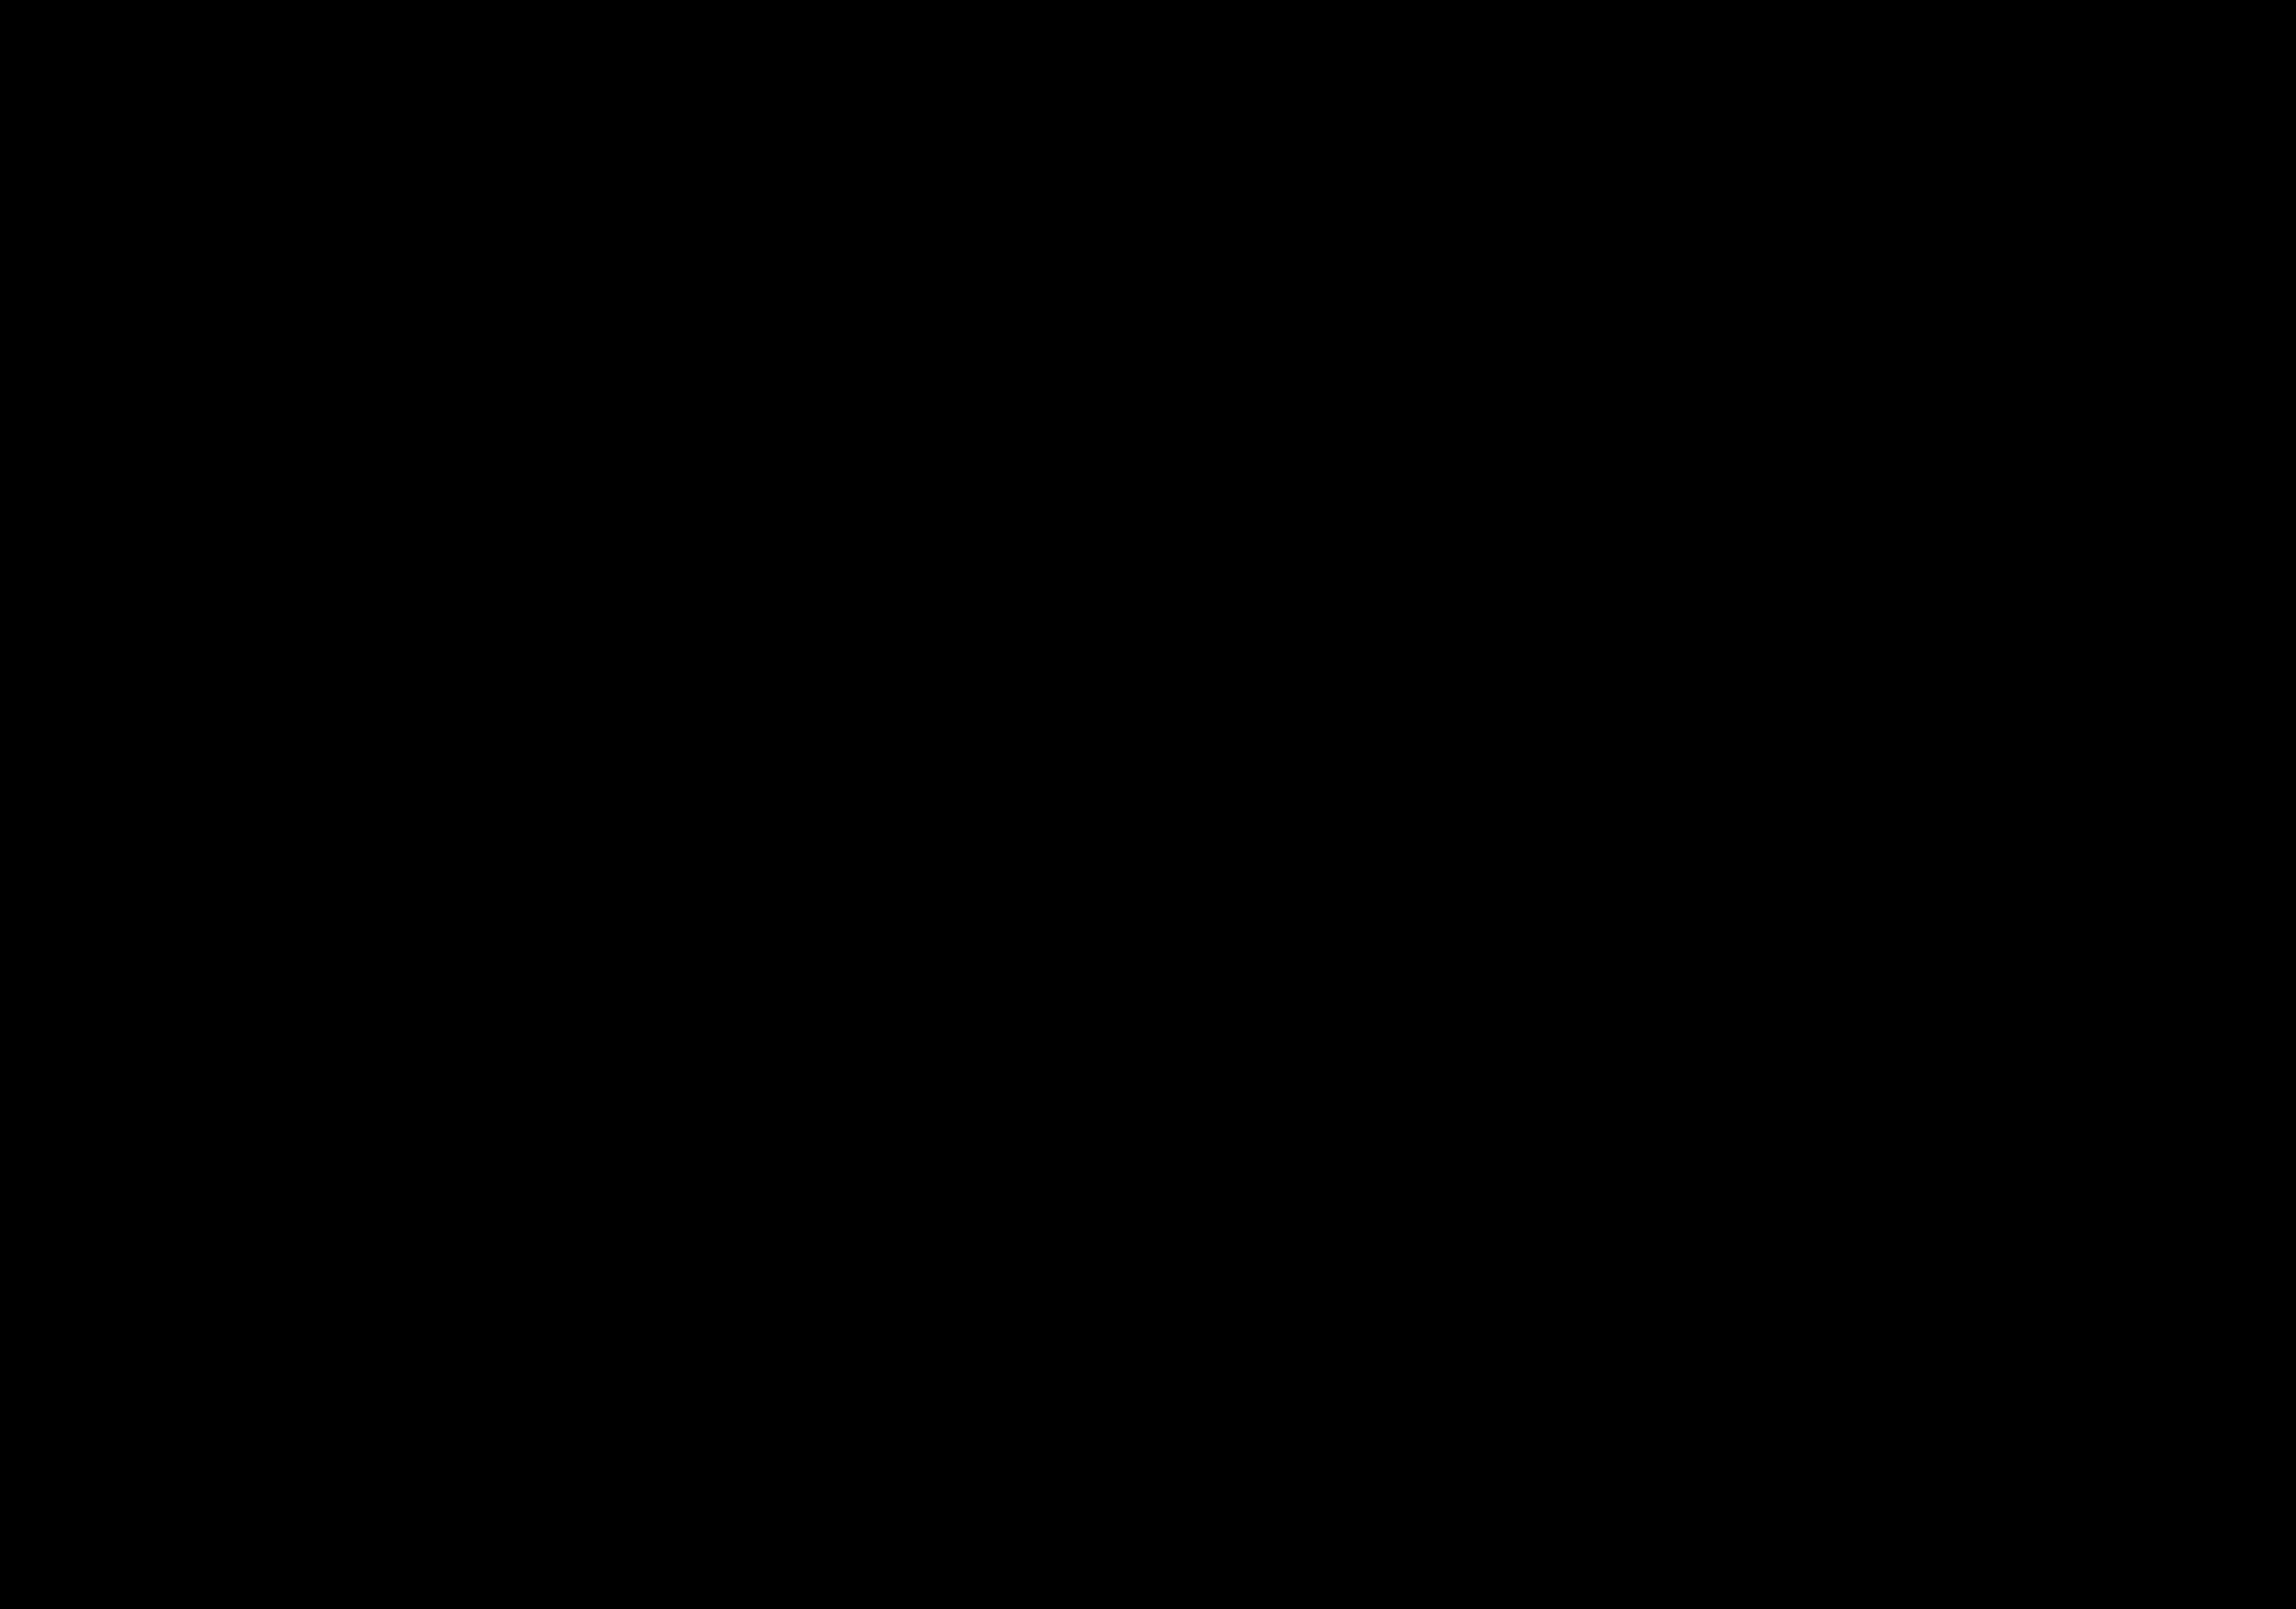 纯线条动漫手绘图片